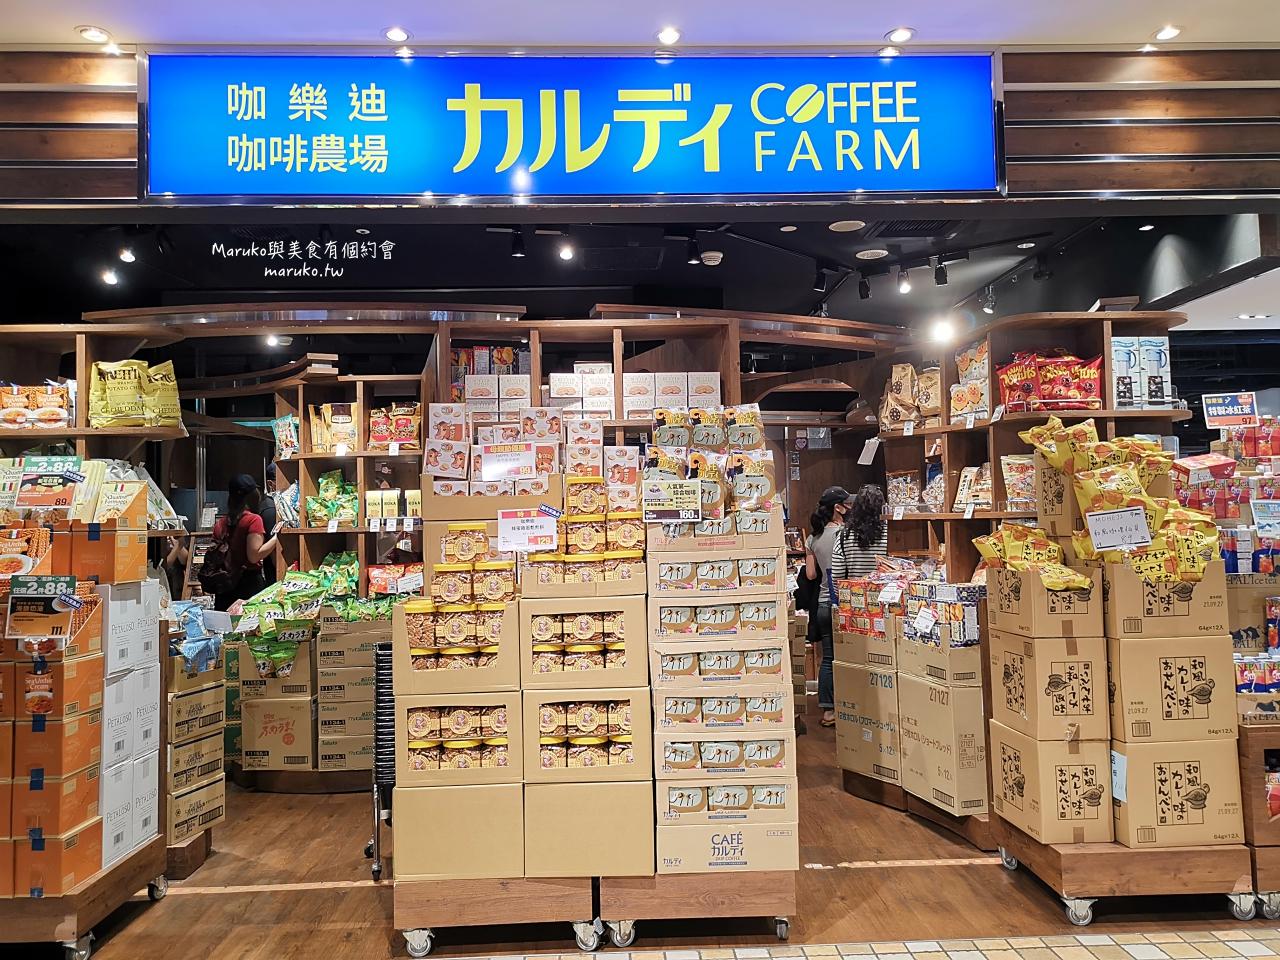 【台北】咖樂迪咖啡農場/來自日本首家連鎖超市,產地咖啡世界各地進口食材這裡買/市政府站購物 @Maruko與美食有個約會